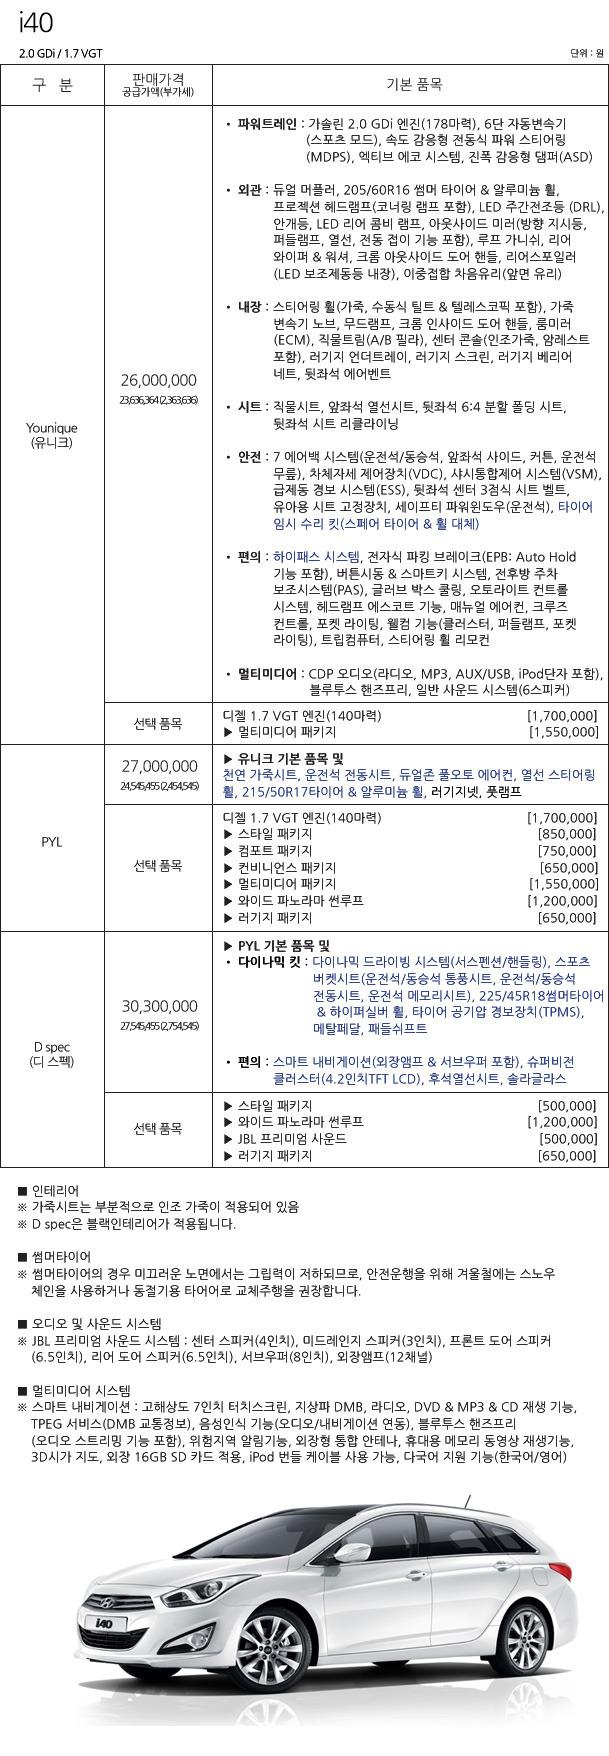 2013 i40가격공개12